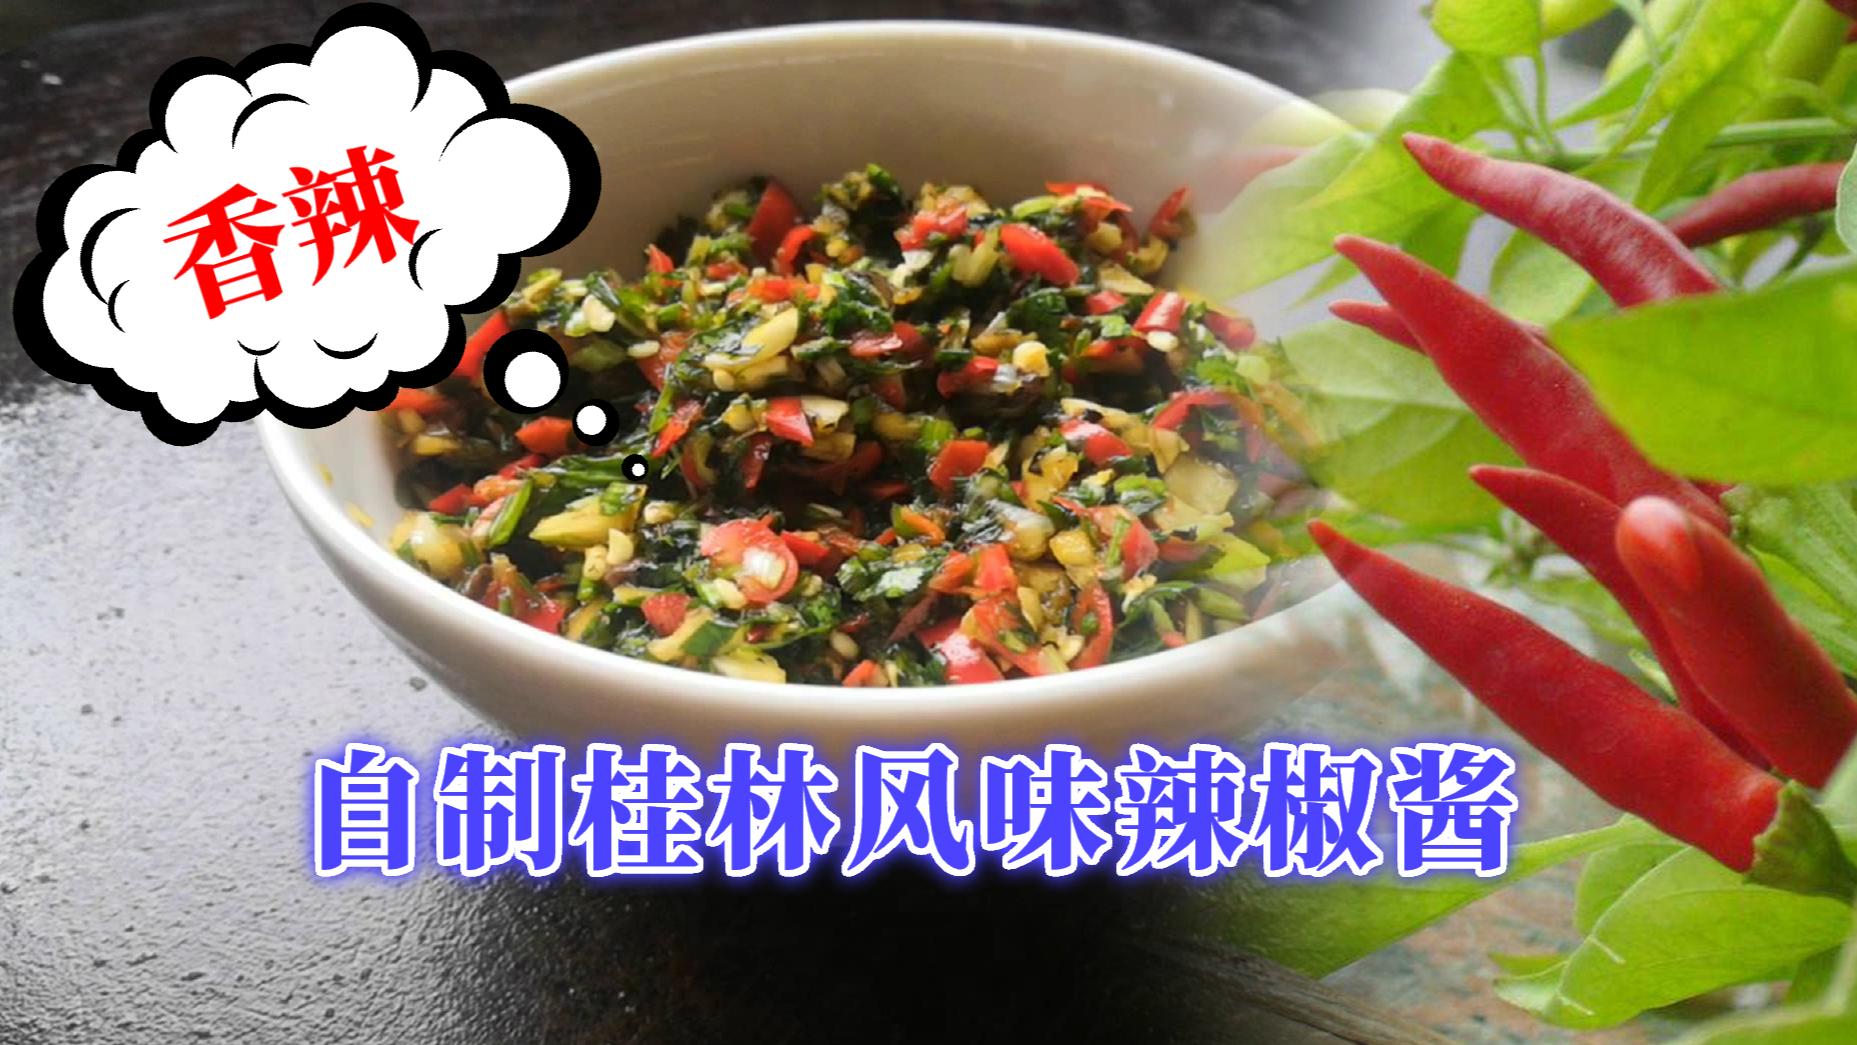 纯手工5分钟制作,桂林风味辣椒酱,色香辣俱全